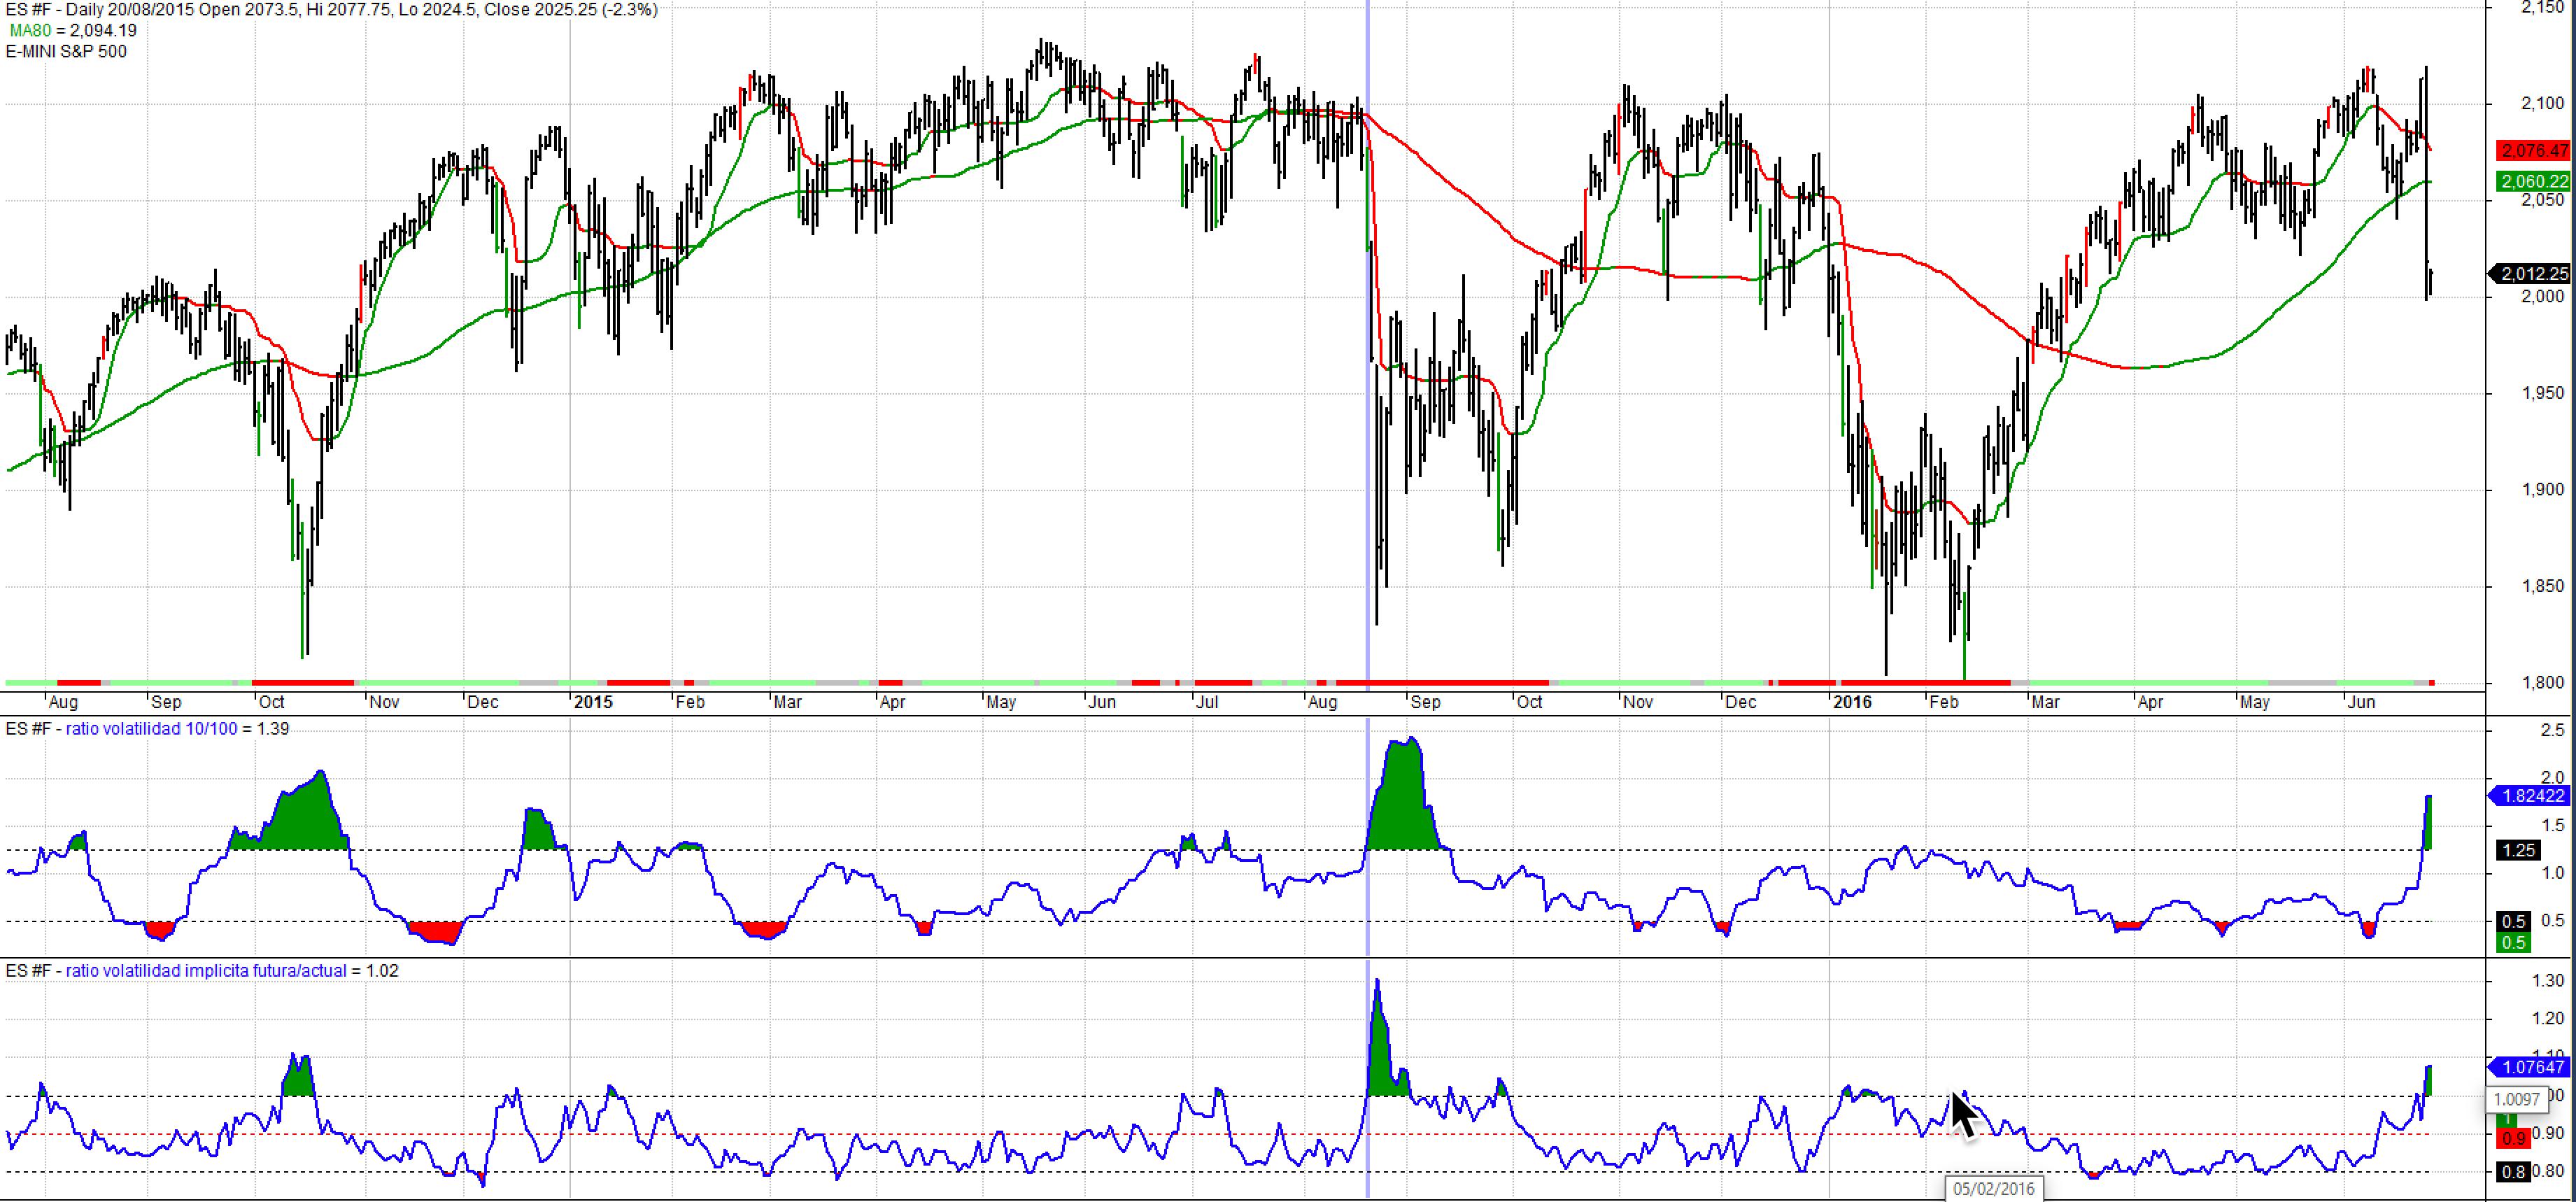 Ratio volatilidad